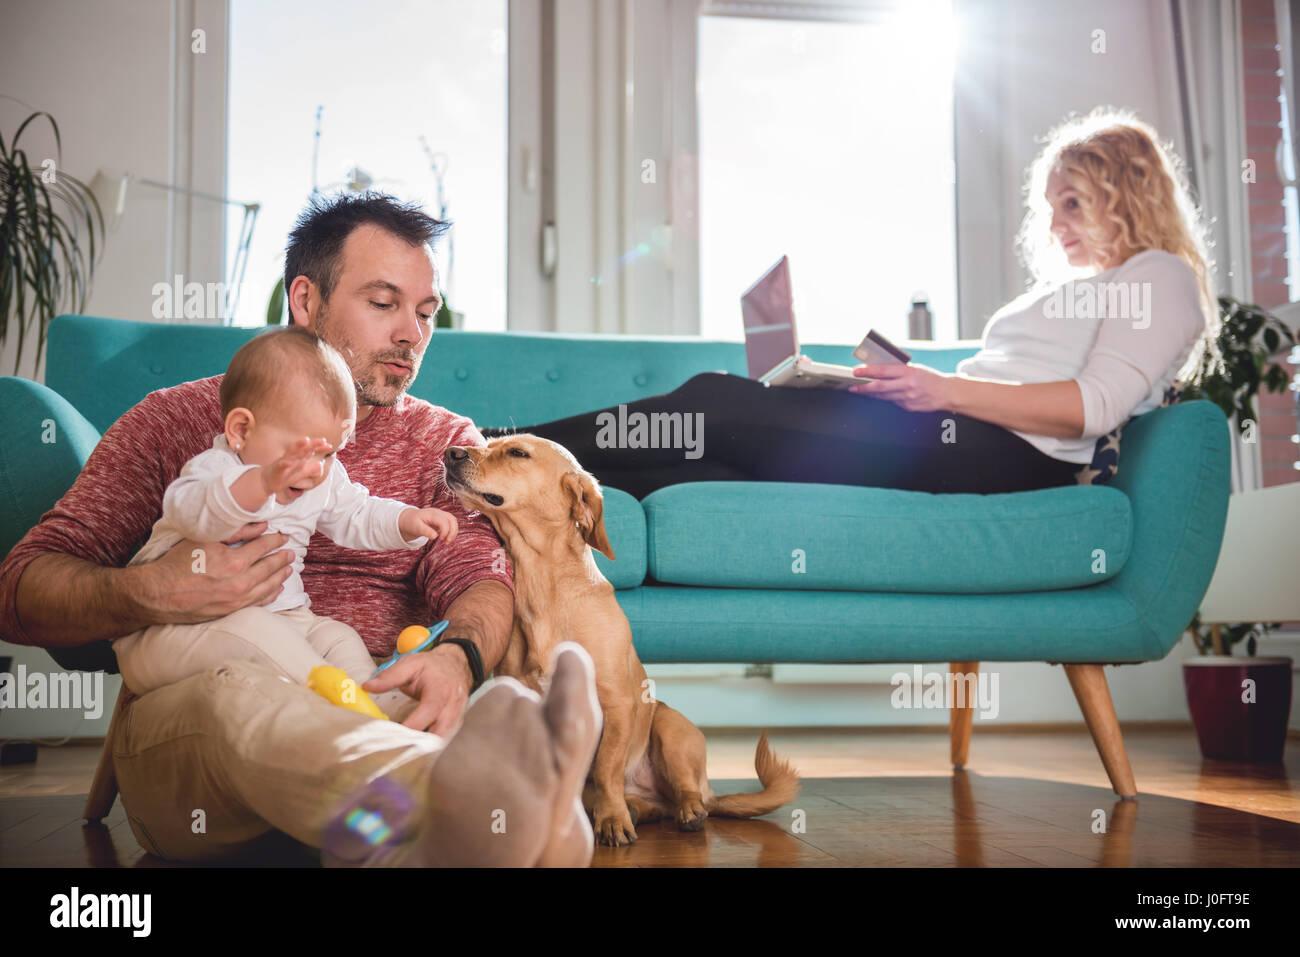 Vater sitzt auf dem Boden und mit Baby im Arm spielen mit Hund während Frau auf Sofa sitzen und tun, Online Stockbild